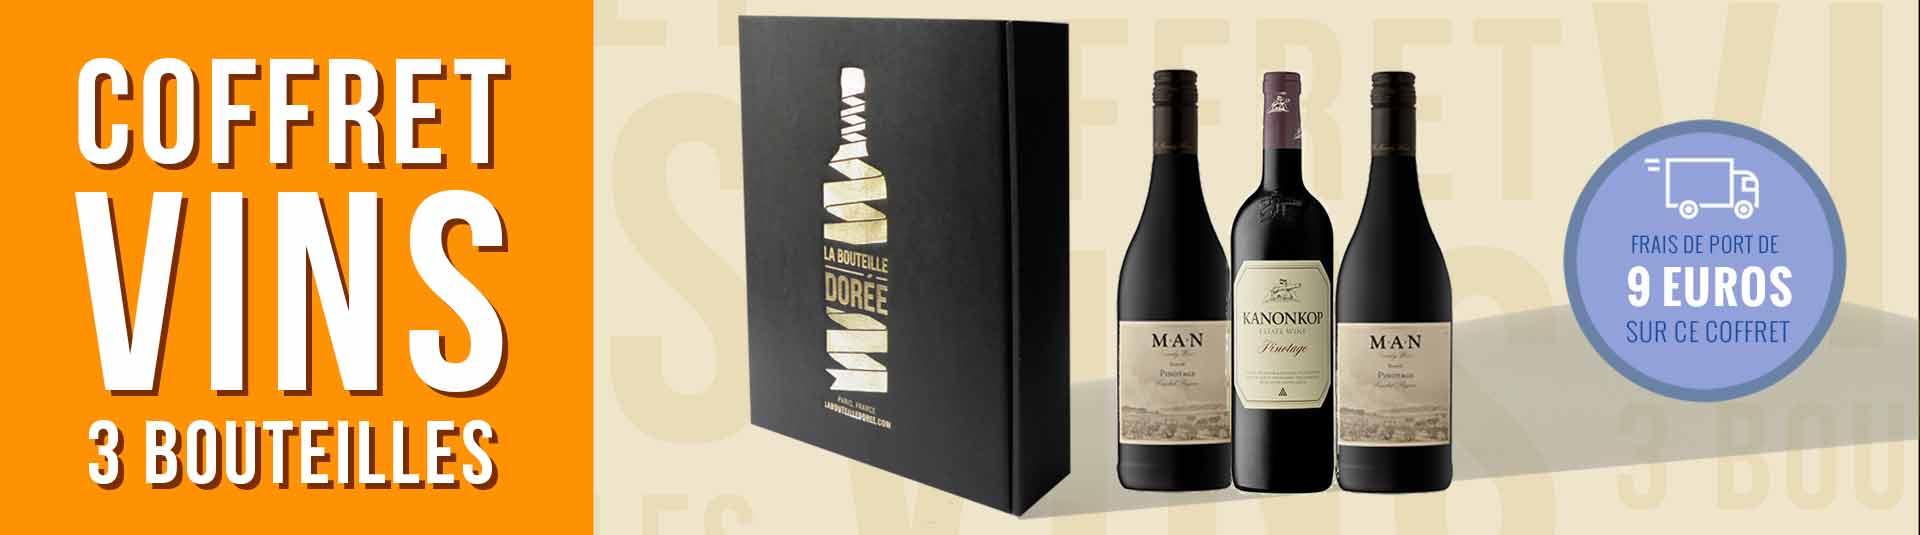 Coffret vin Pinotage Afrique du Sud 3 bouteilles